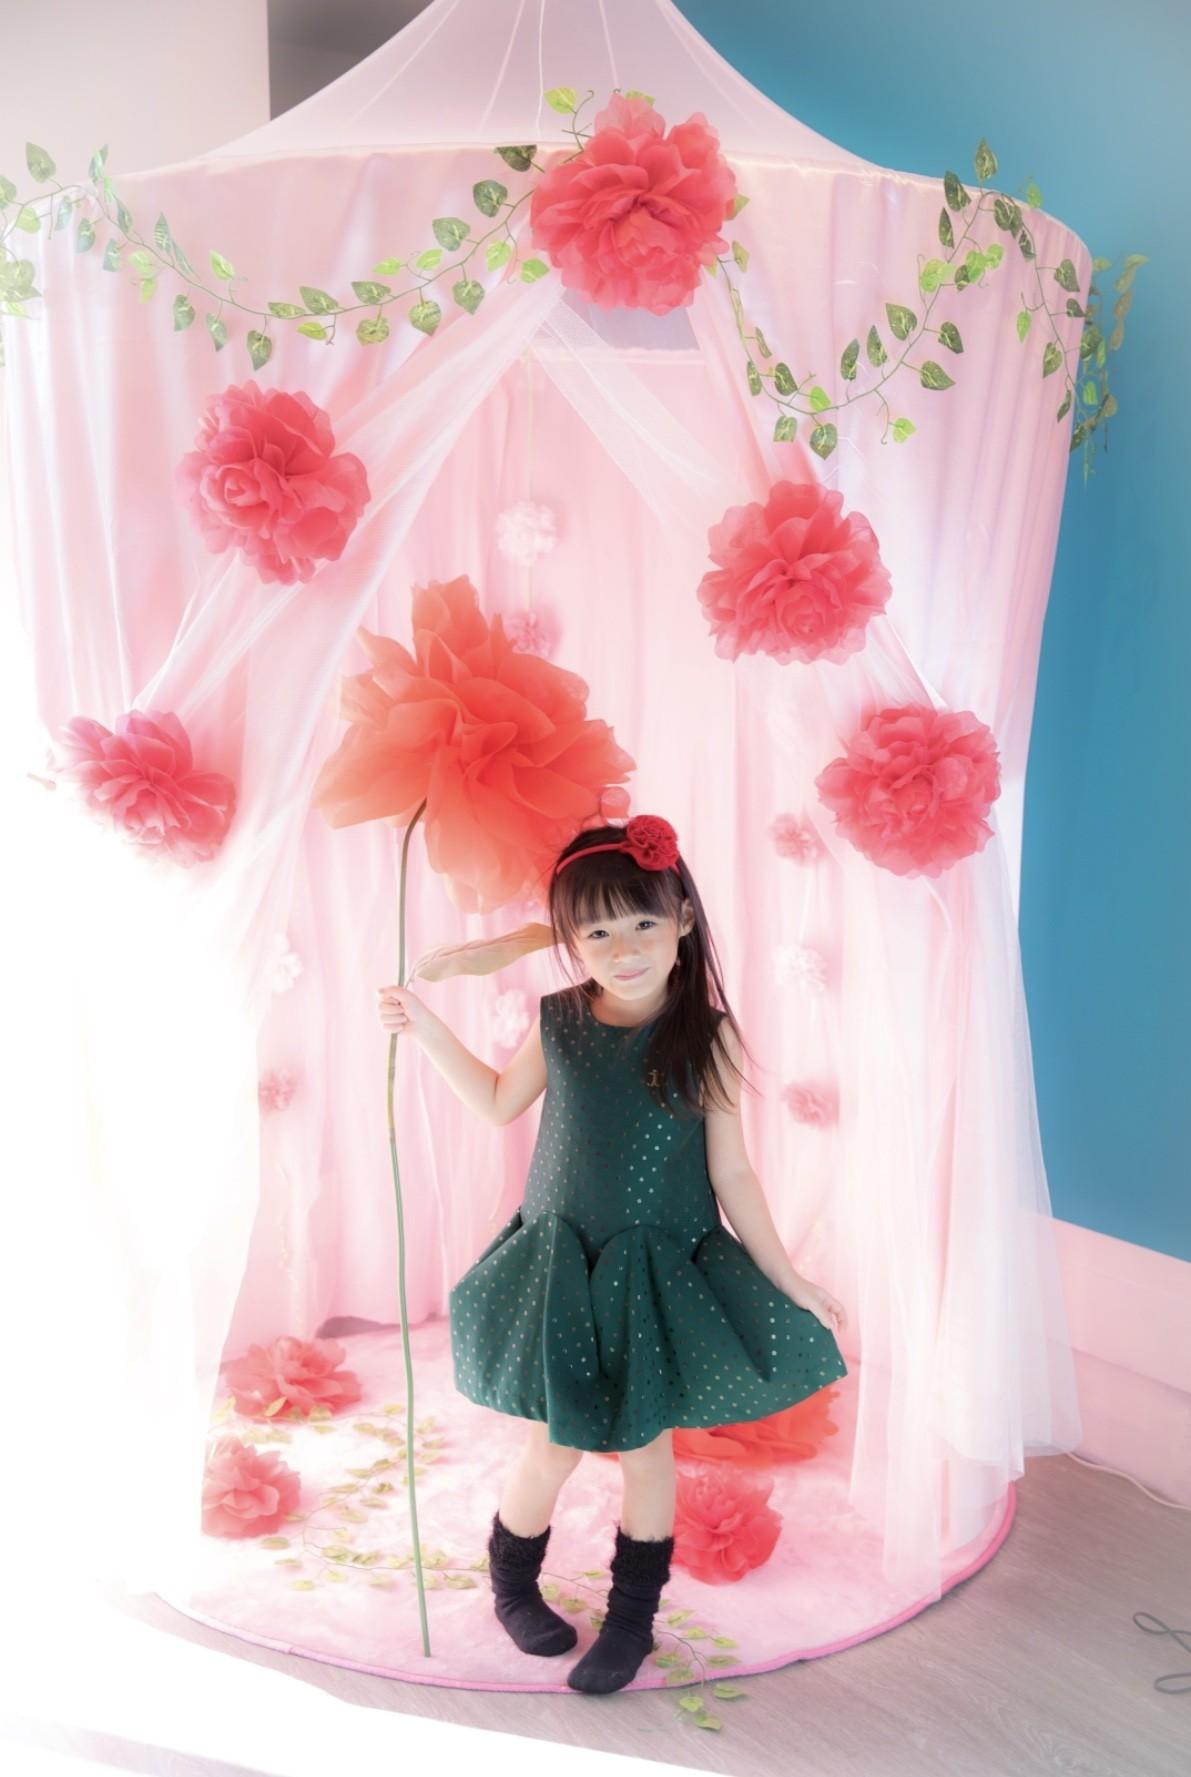 Rose Princess Photo event